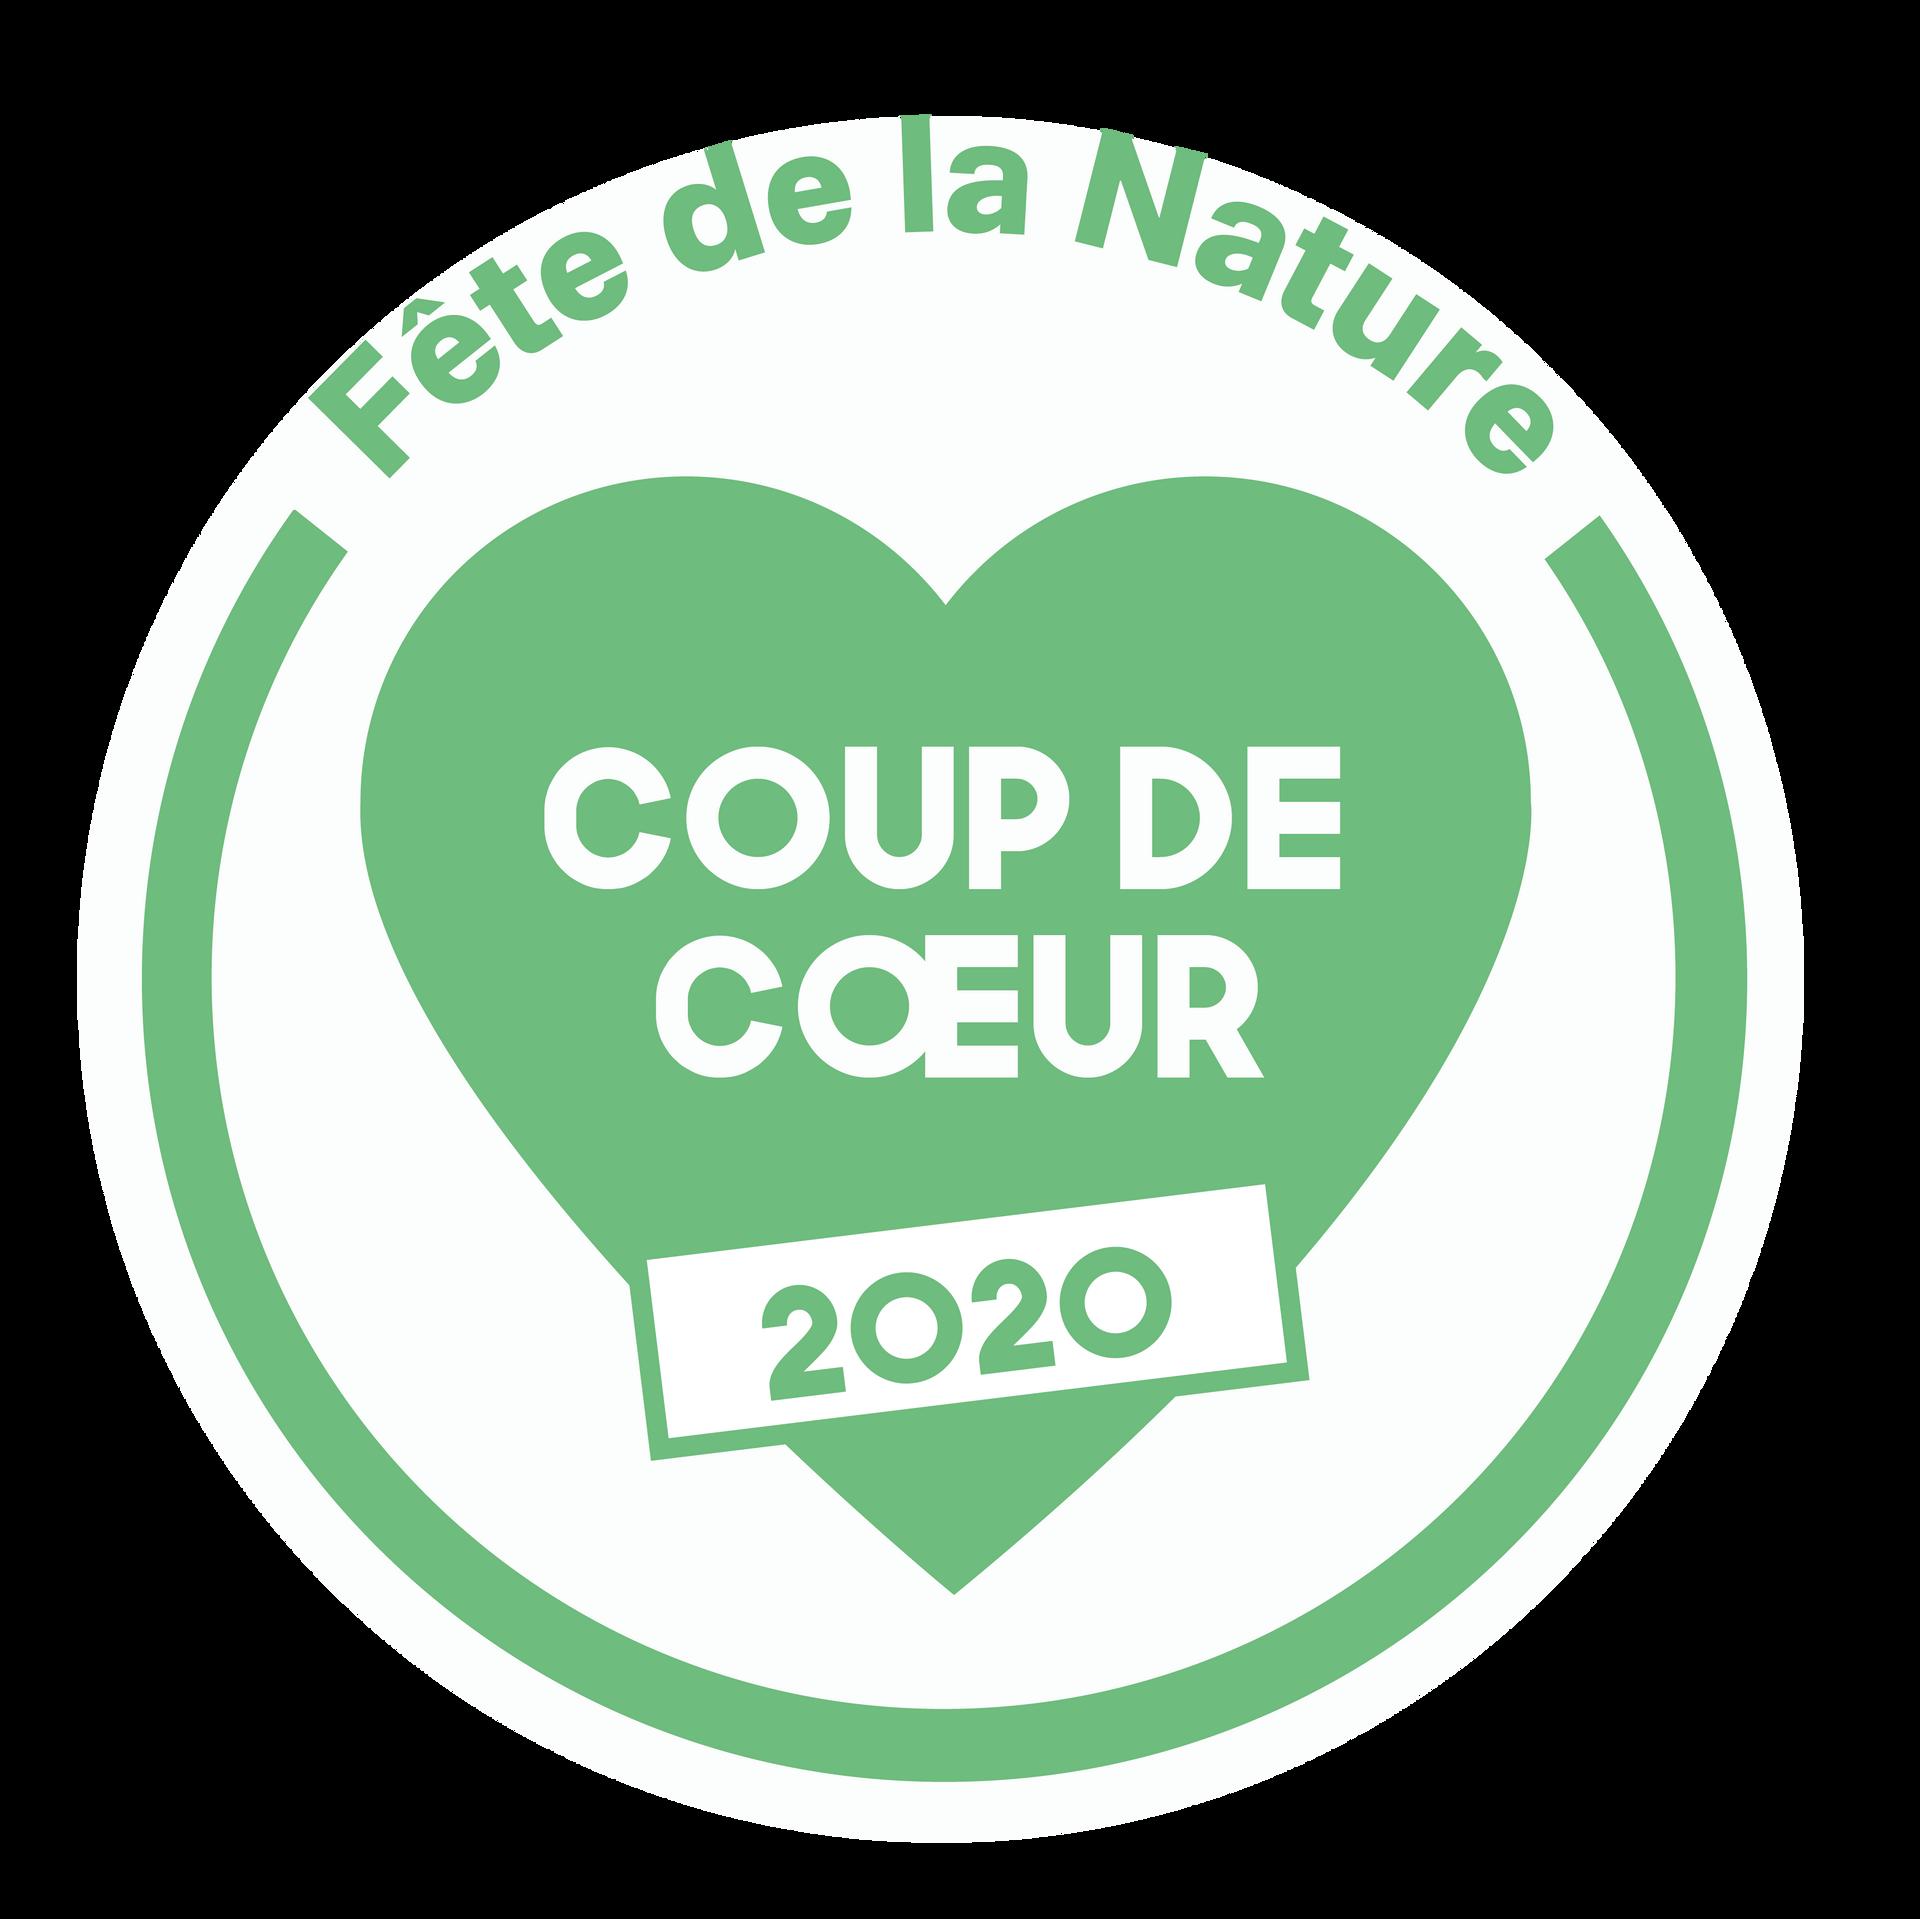 oup de coeur 2020